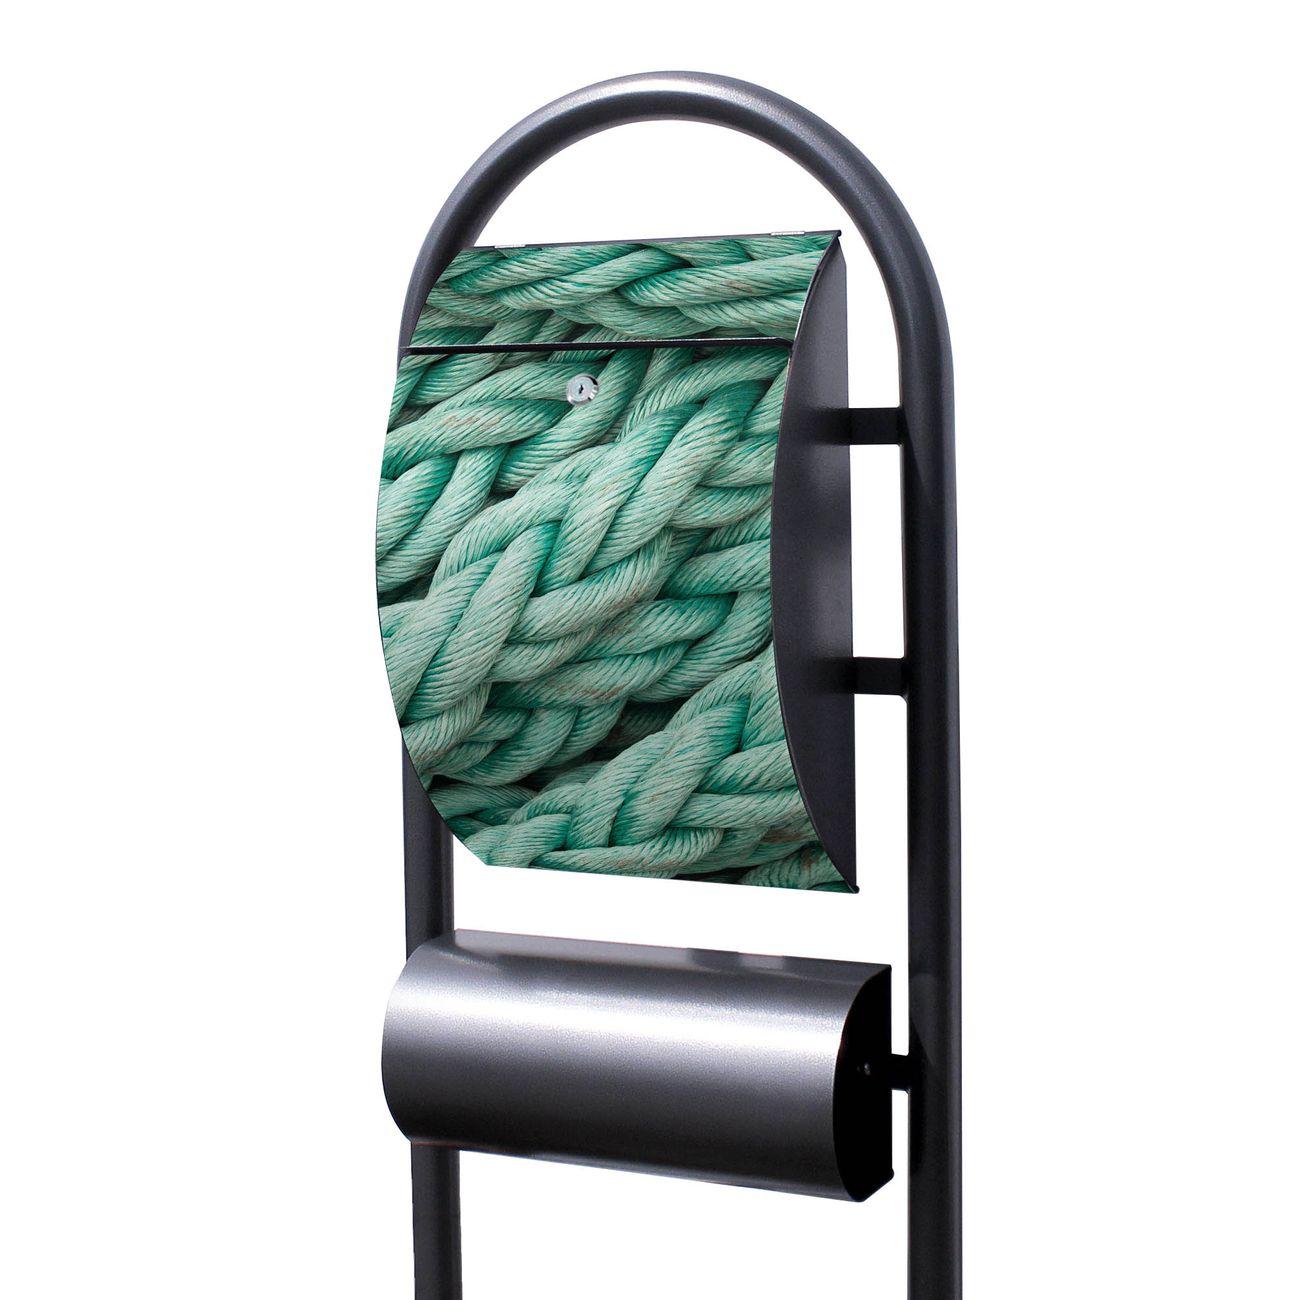 Standbriefkasten Hammerschlag Grünes Tau